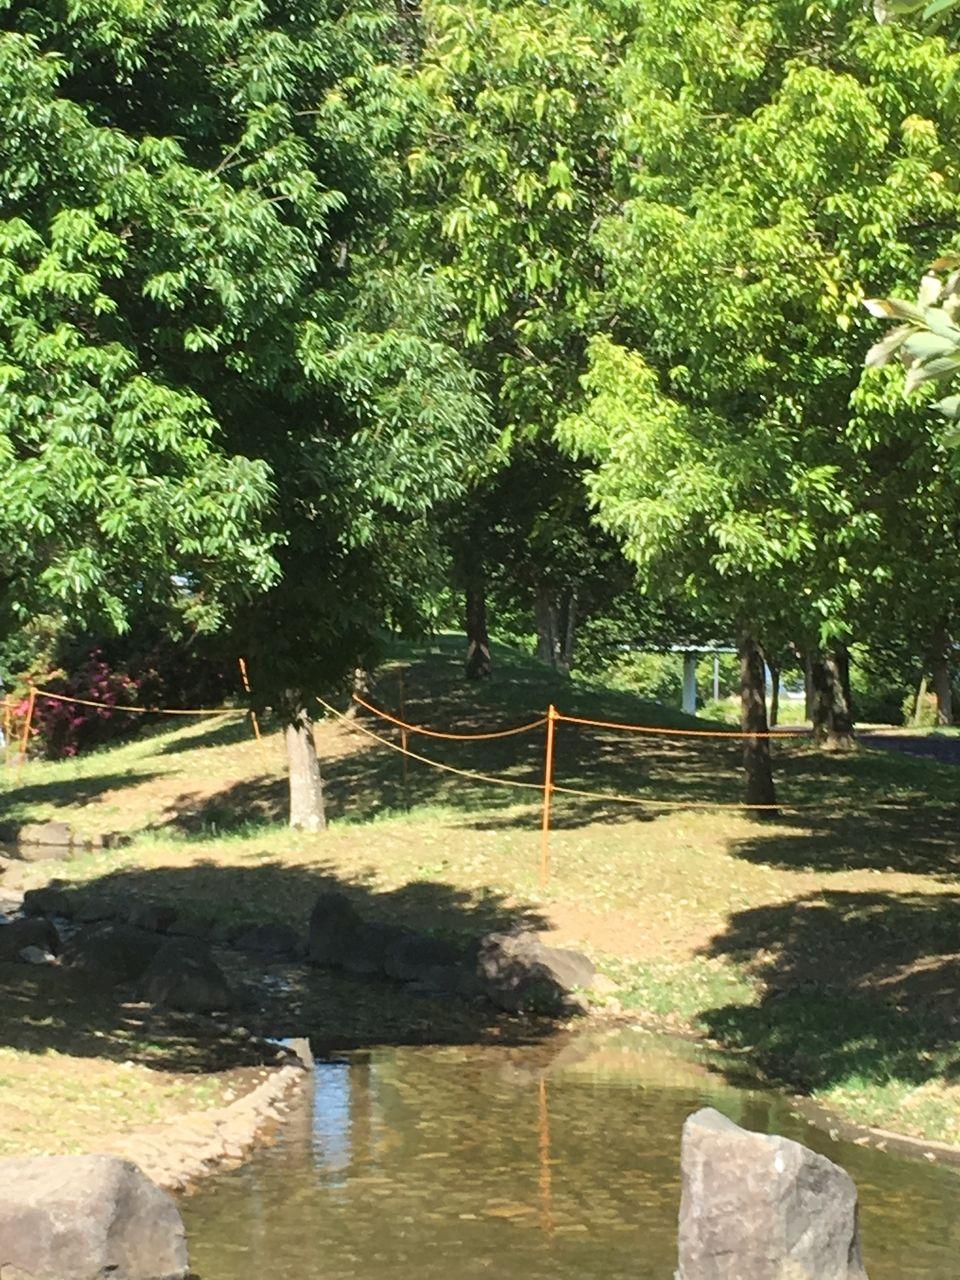 初夏の眩しい新緑と涼しげな水辺のある初夏の秋津3丁目公園